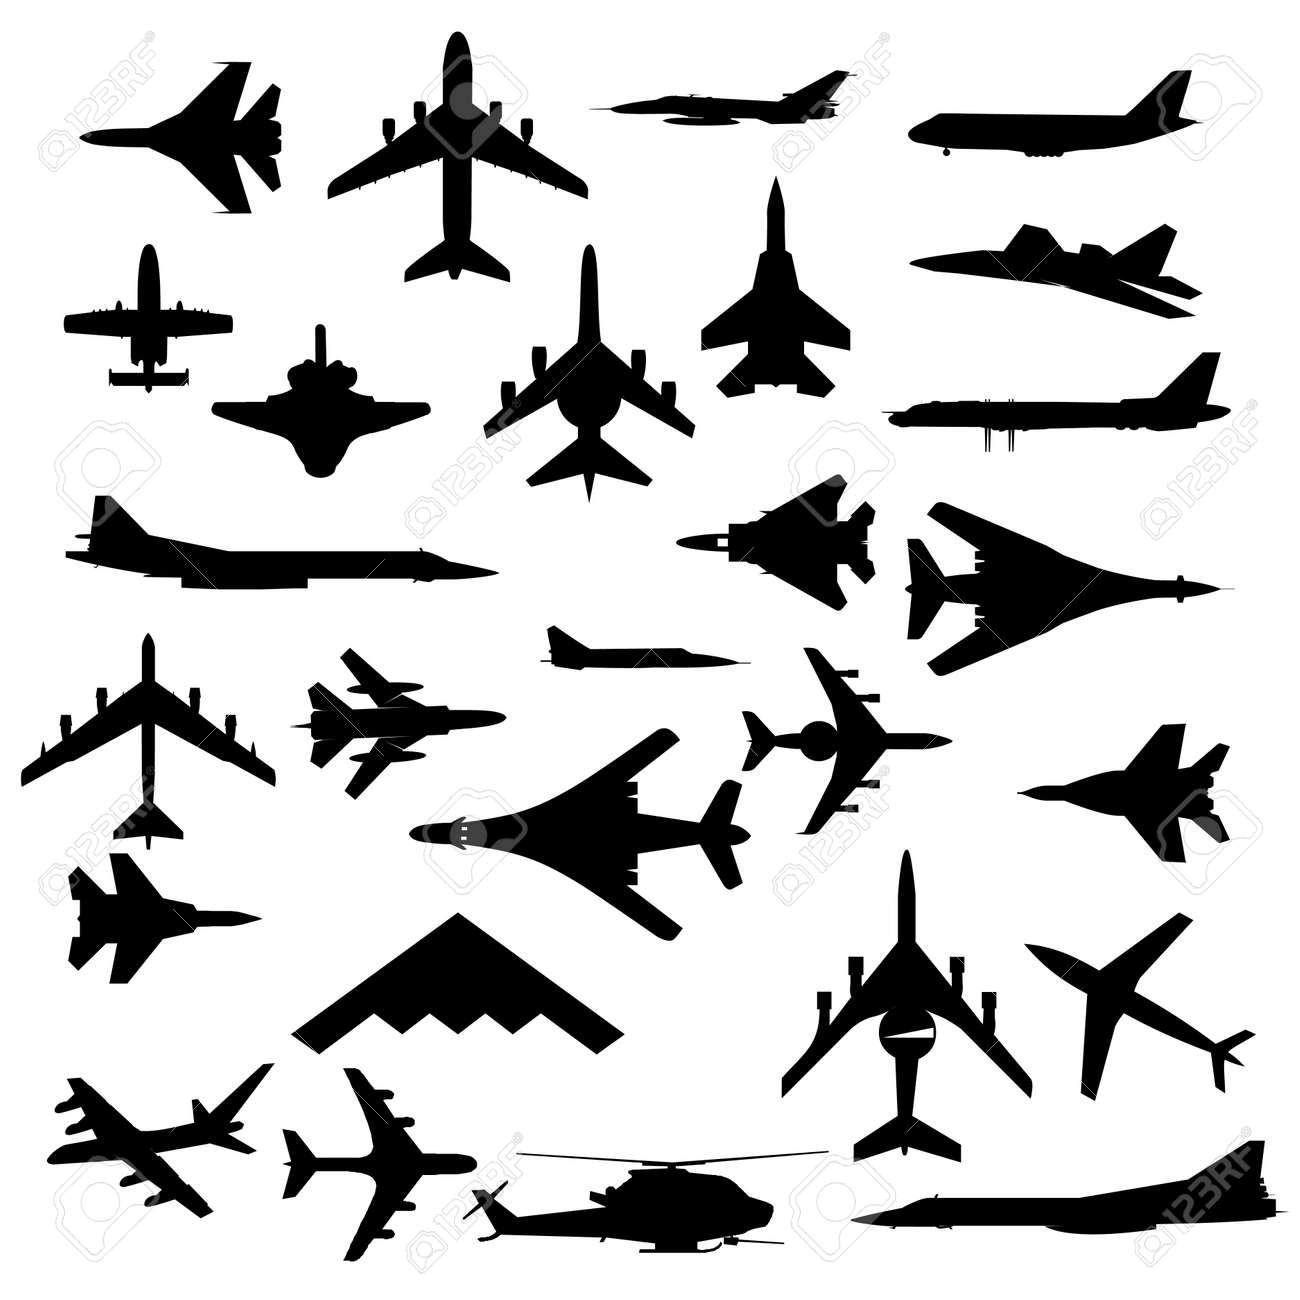 Combat aircraft Stock Vector - 9034058